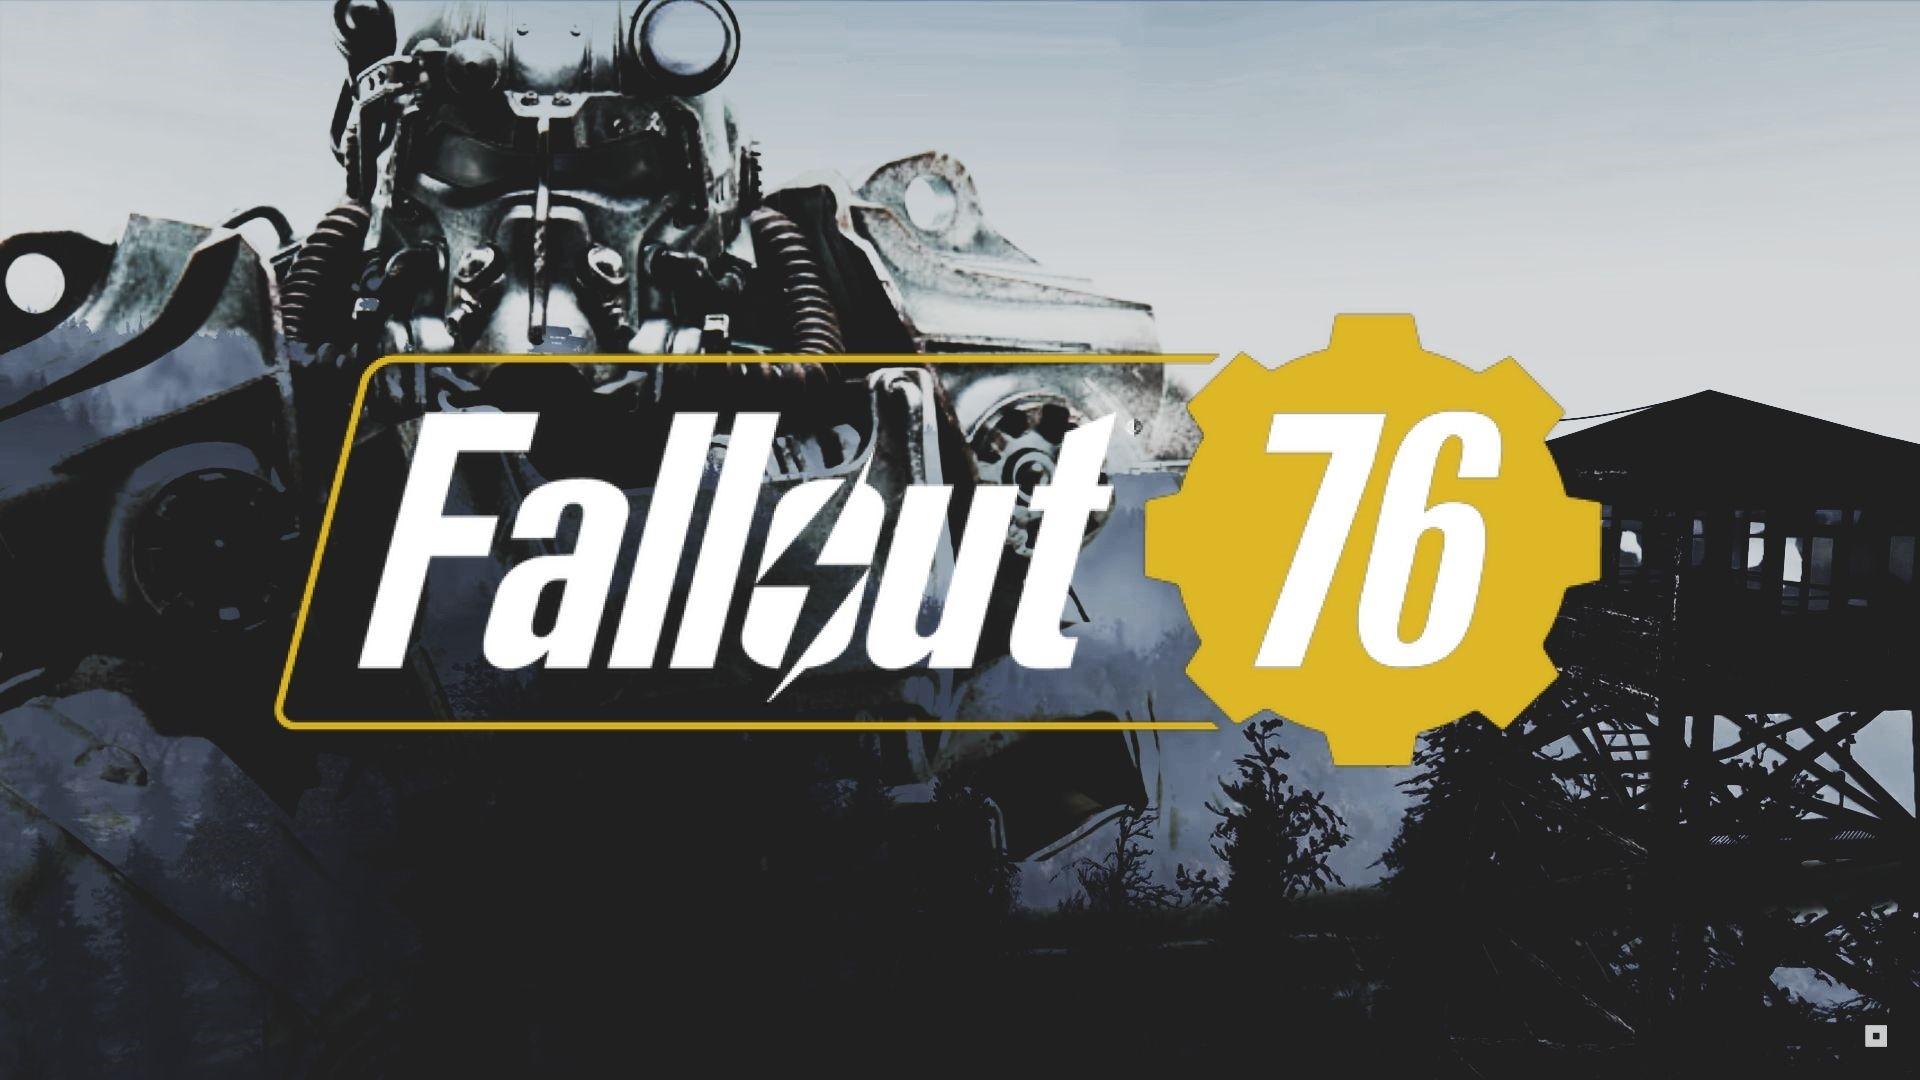 Fallout 76 hd desktop wallpaper